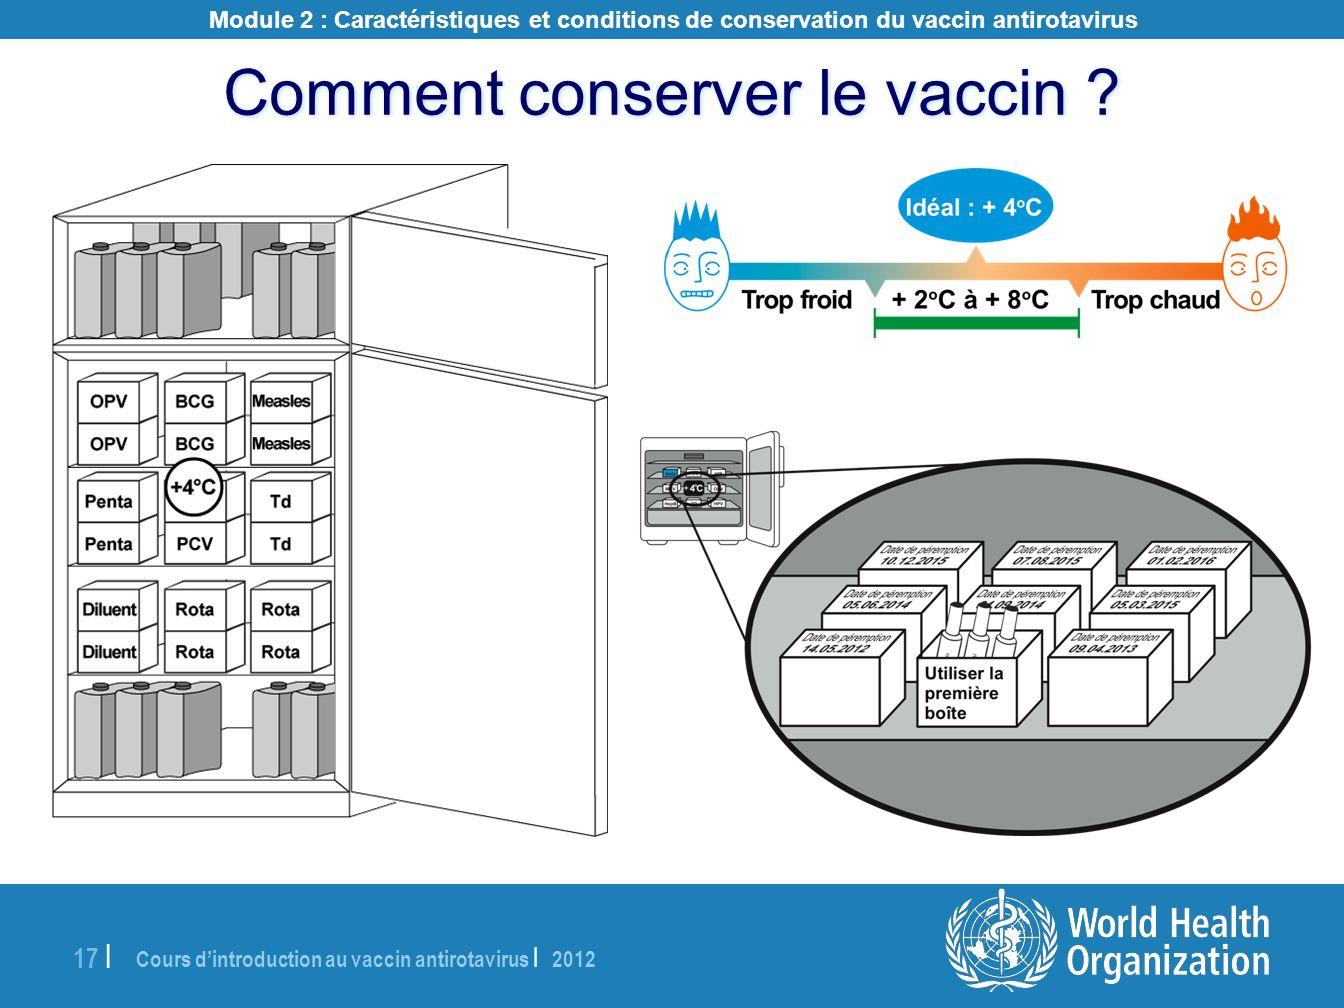 Comment conserver le vaccin